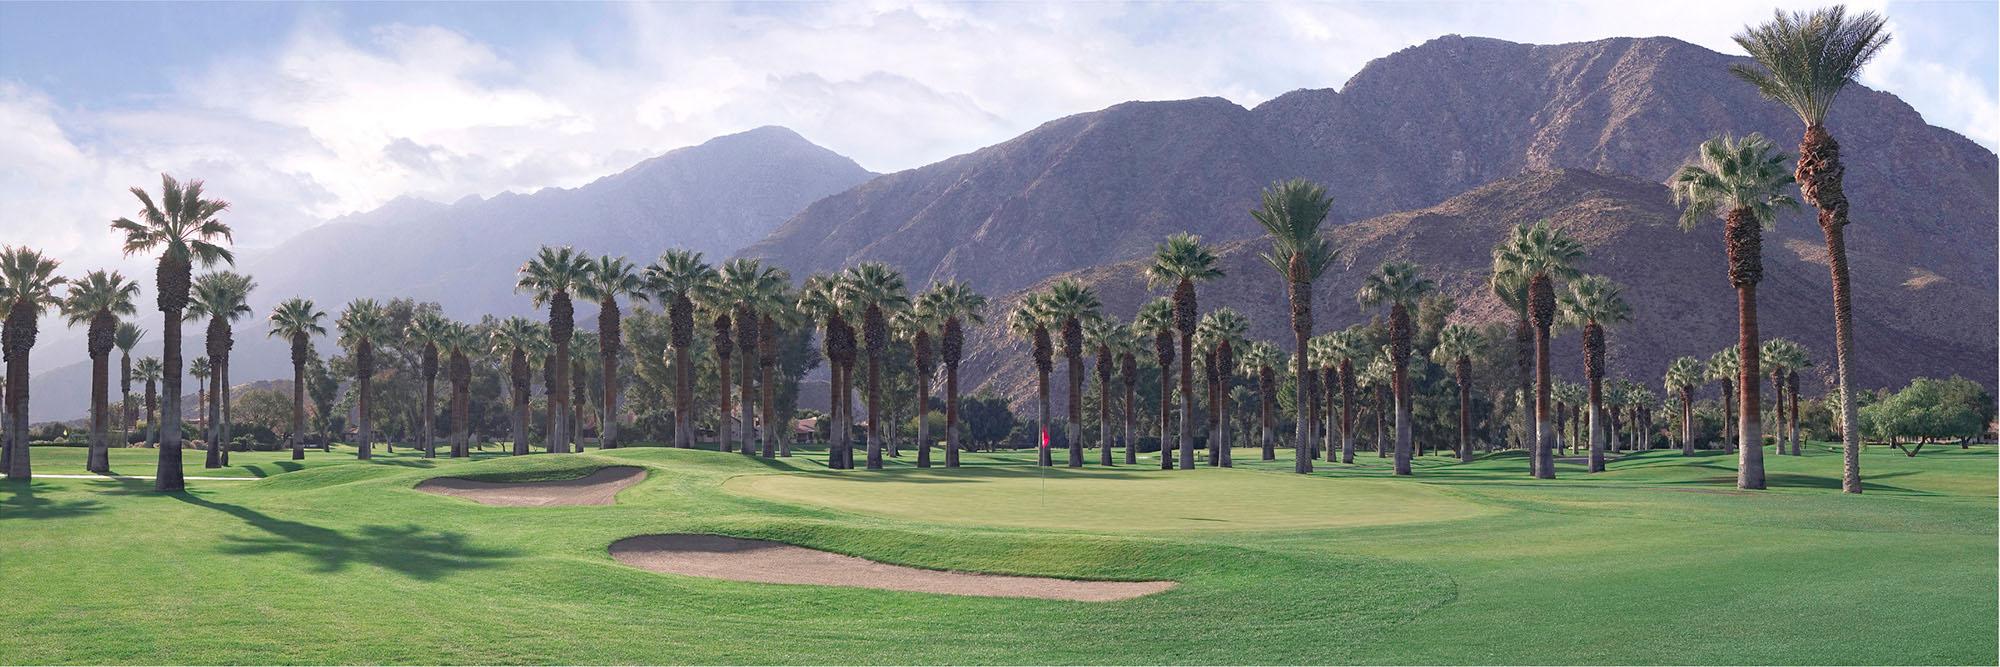 Golf Course Image - De Anza Desert Country Club No. 2